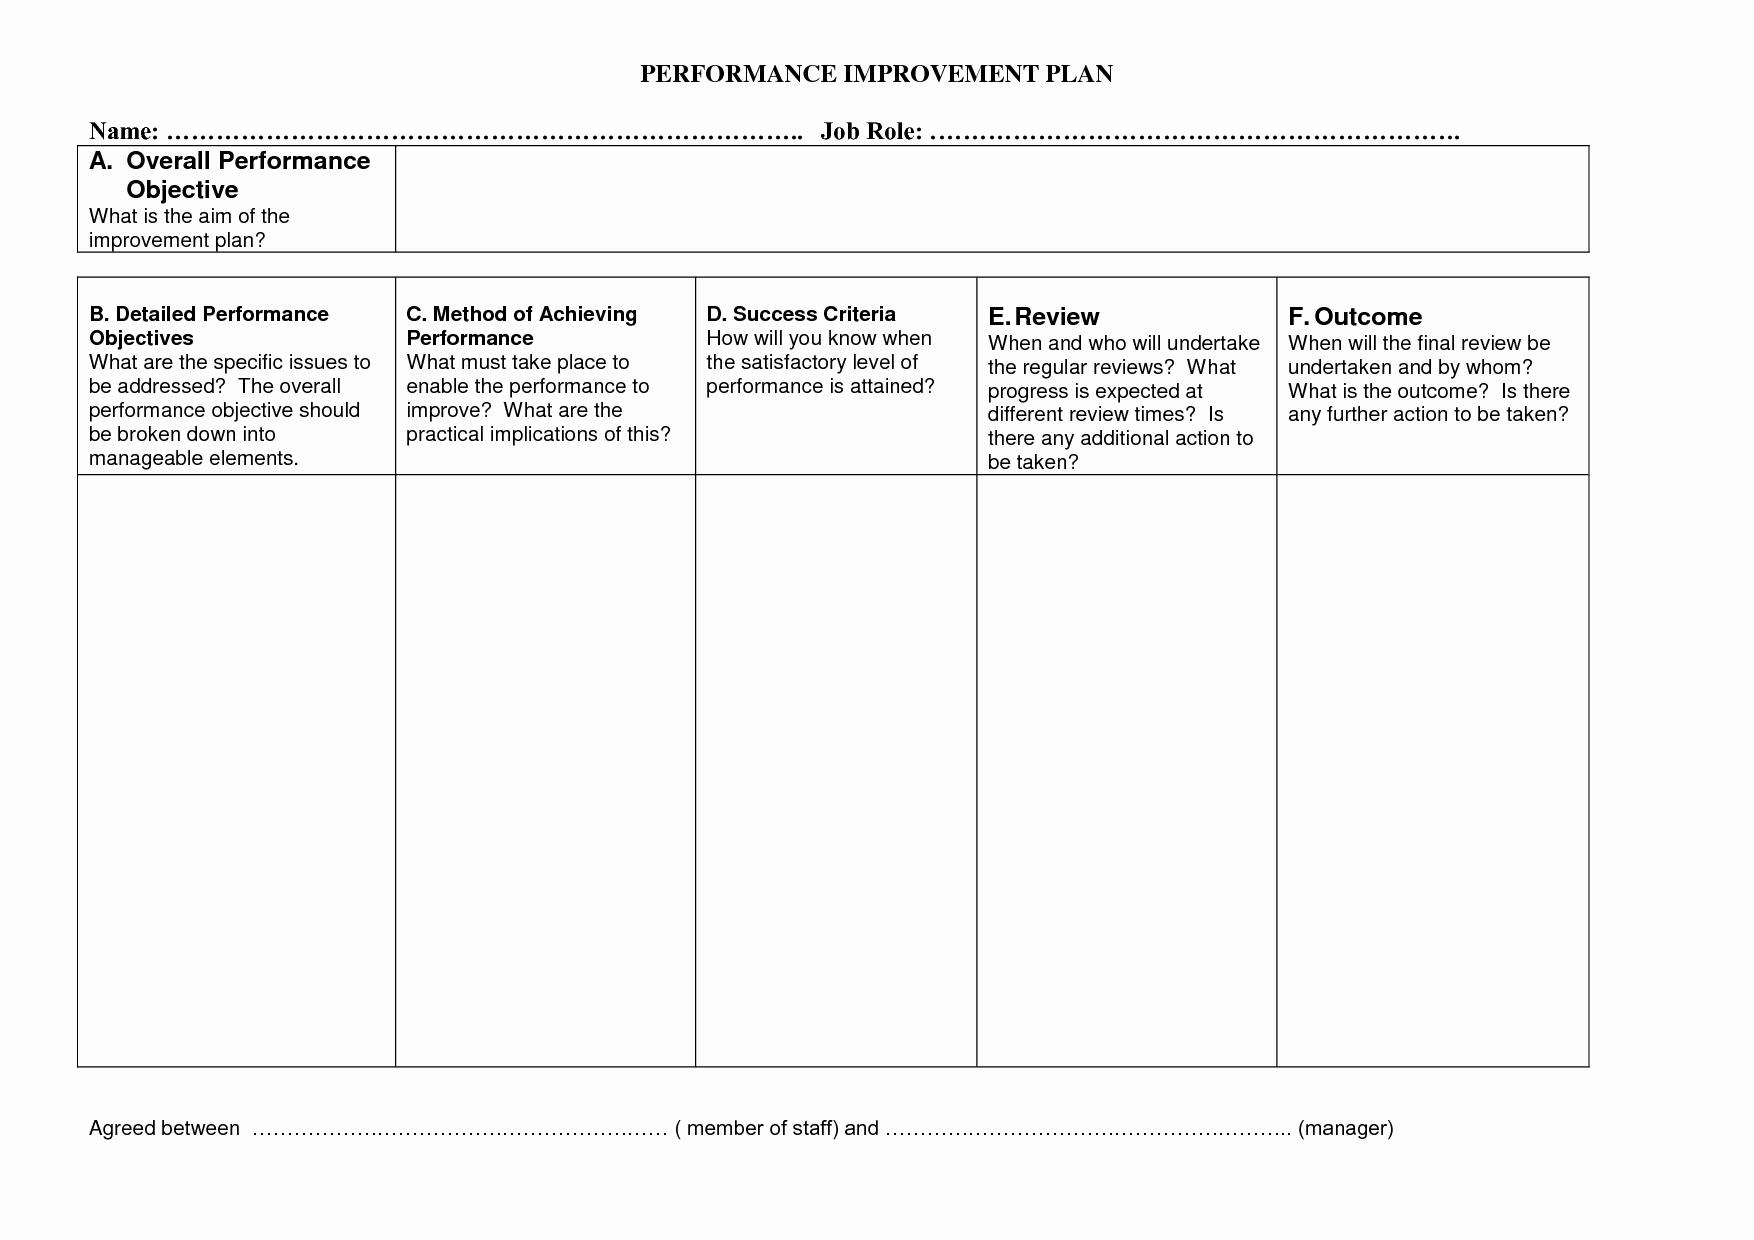 Performance Action Plan Template Unique Sample Action Plan for Performance Improvement